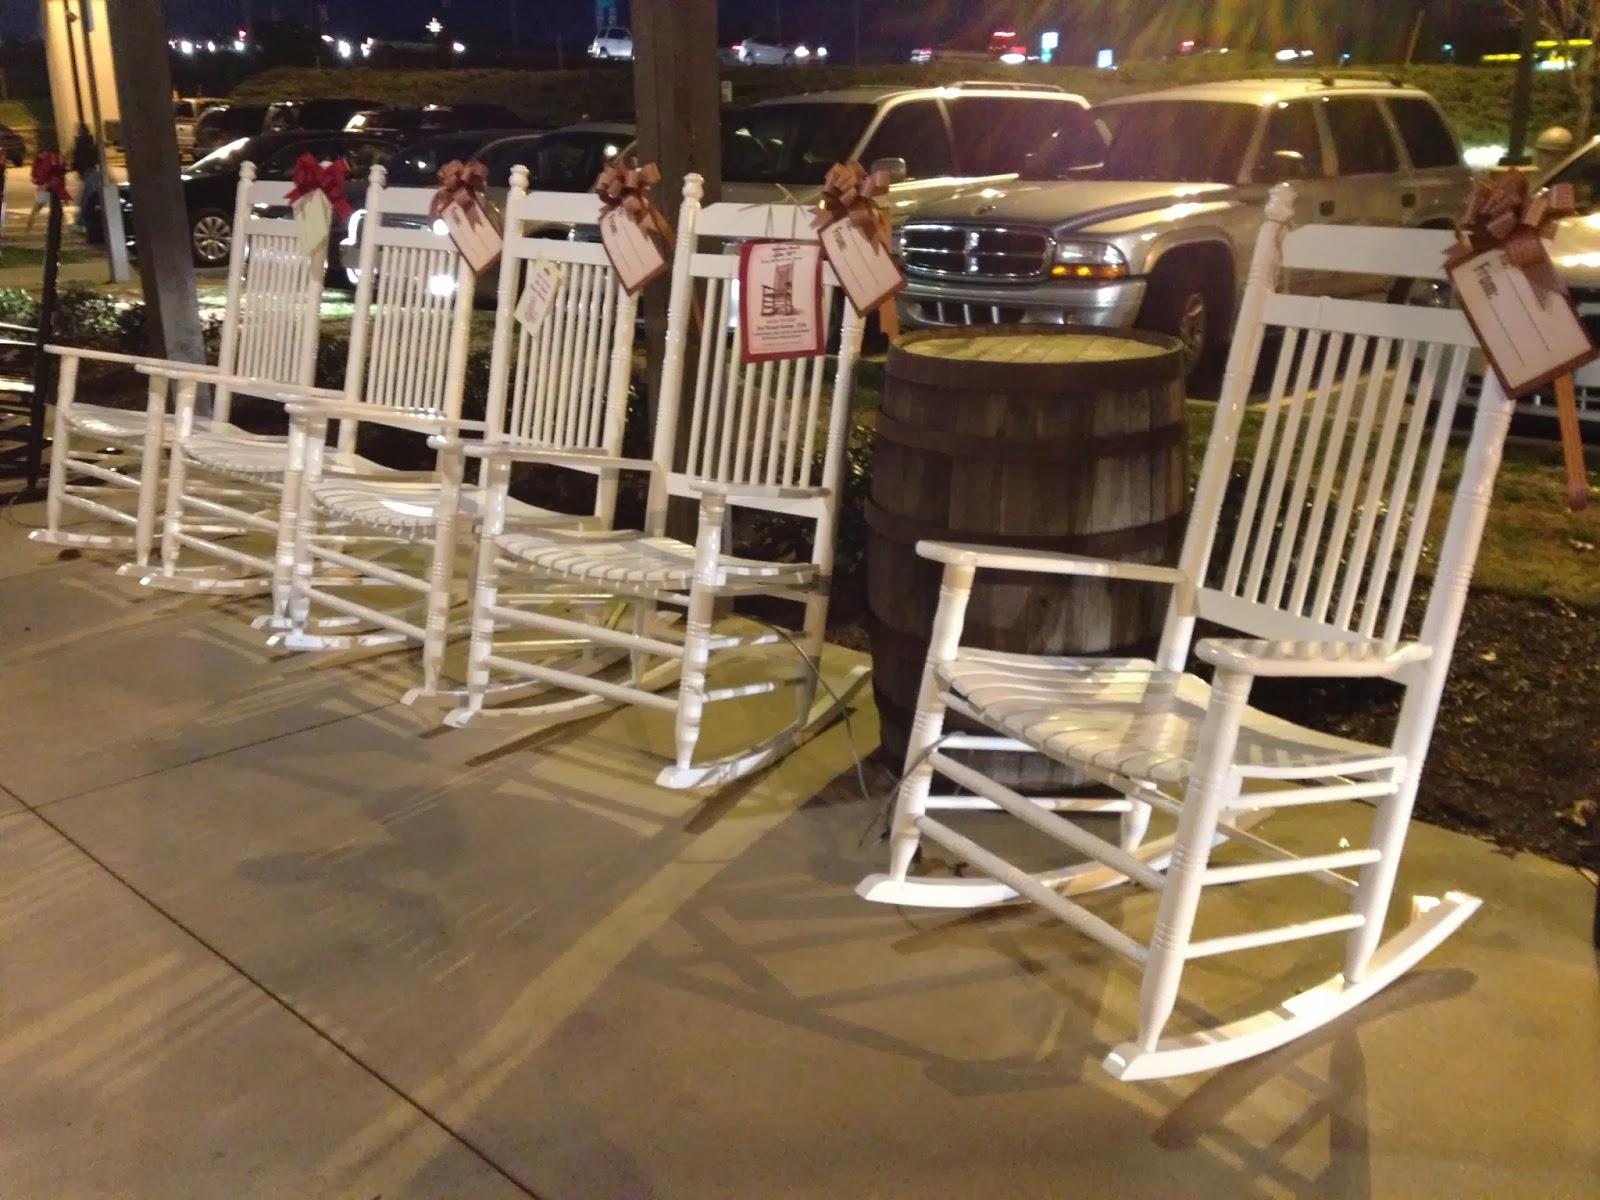 #8E723D uma cadeira de balanço para melhor curtir um acalorado dia de verão 1600x1200 px cadeira de balanço para varanda @ bernauer.info Móveis Antigos Novos E Usados Online